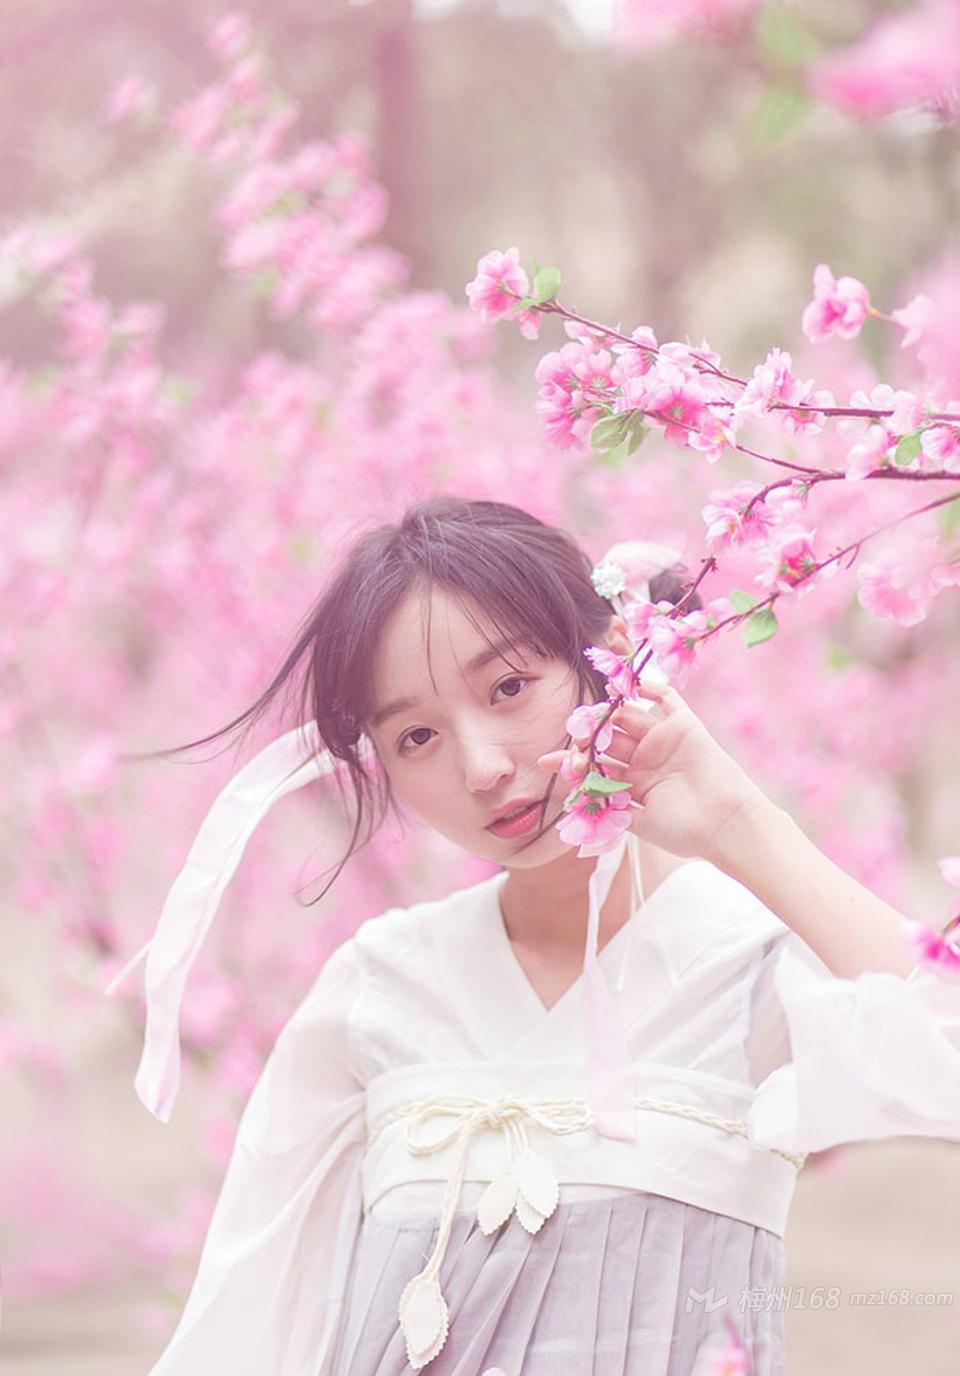 桃园春色清纯可爱的女神